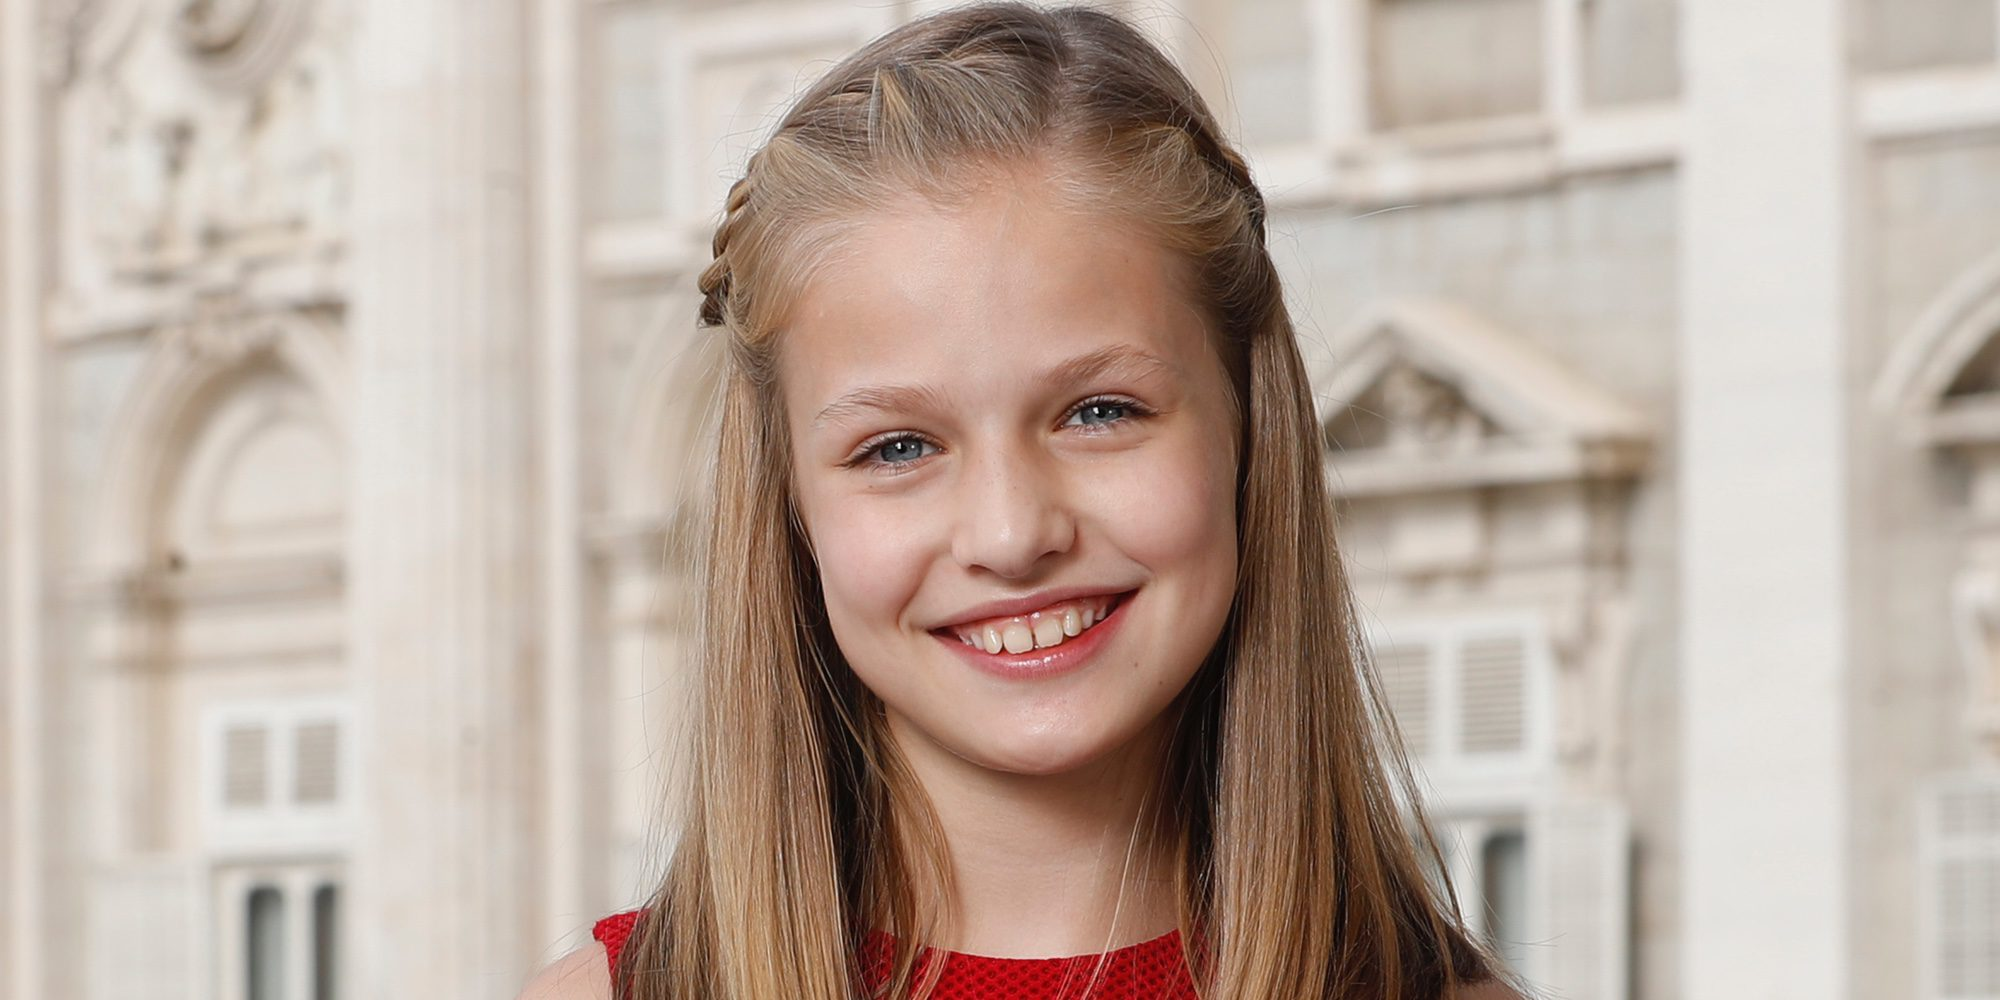 La Princesa Leonor estrena su primer retrato oficial en solitario a los 12 años